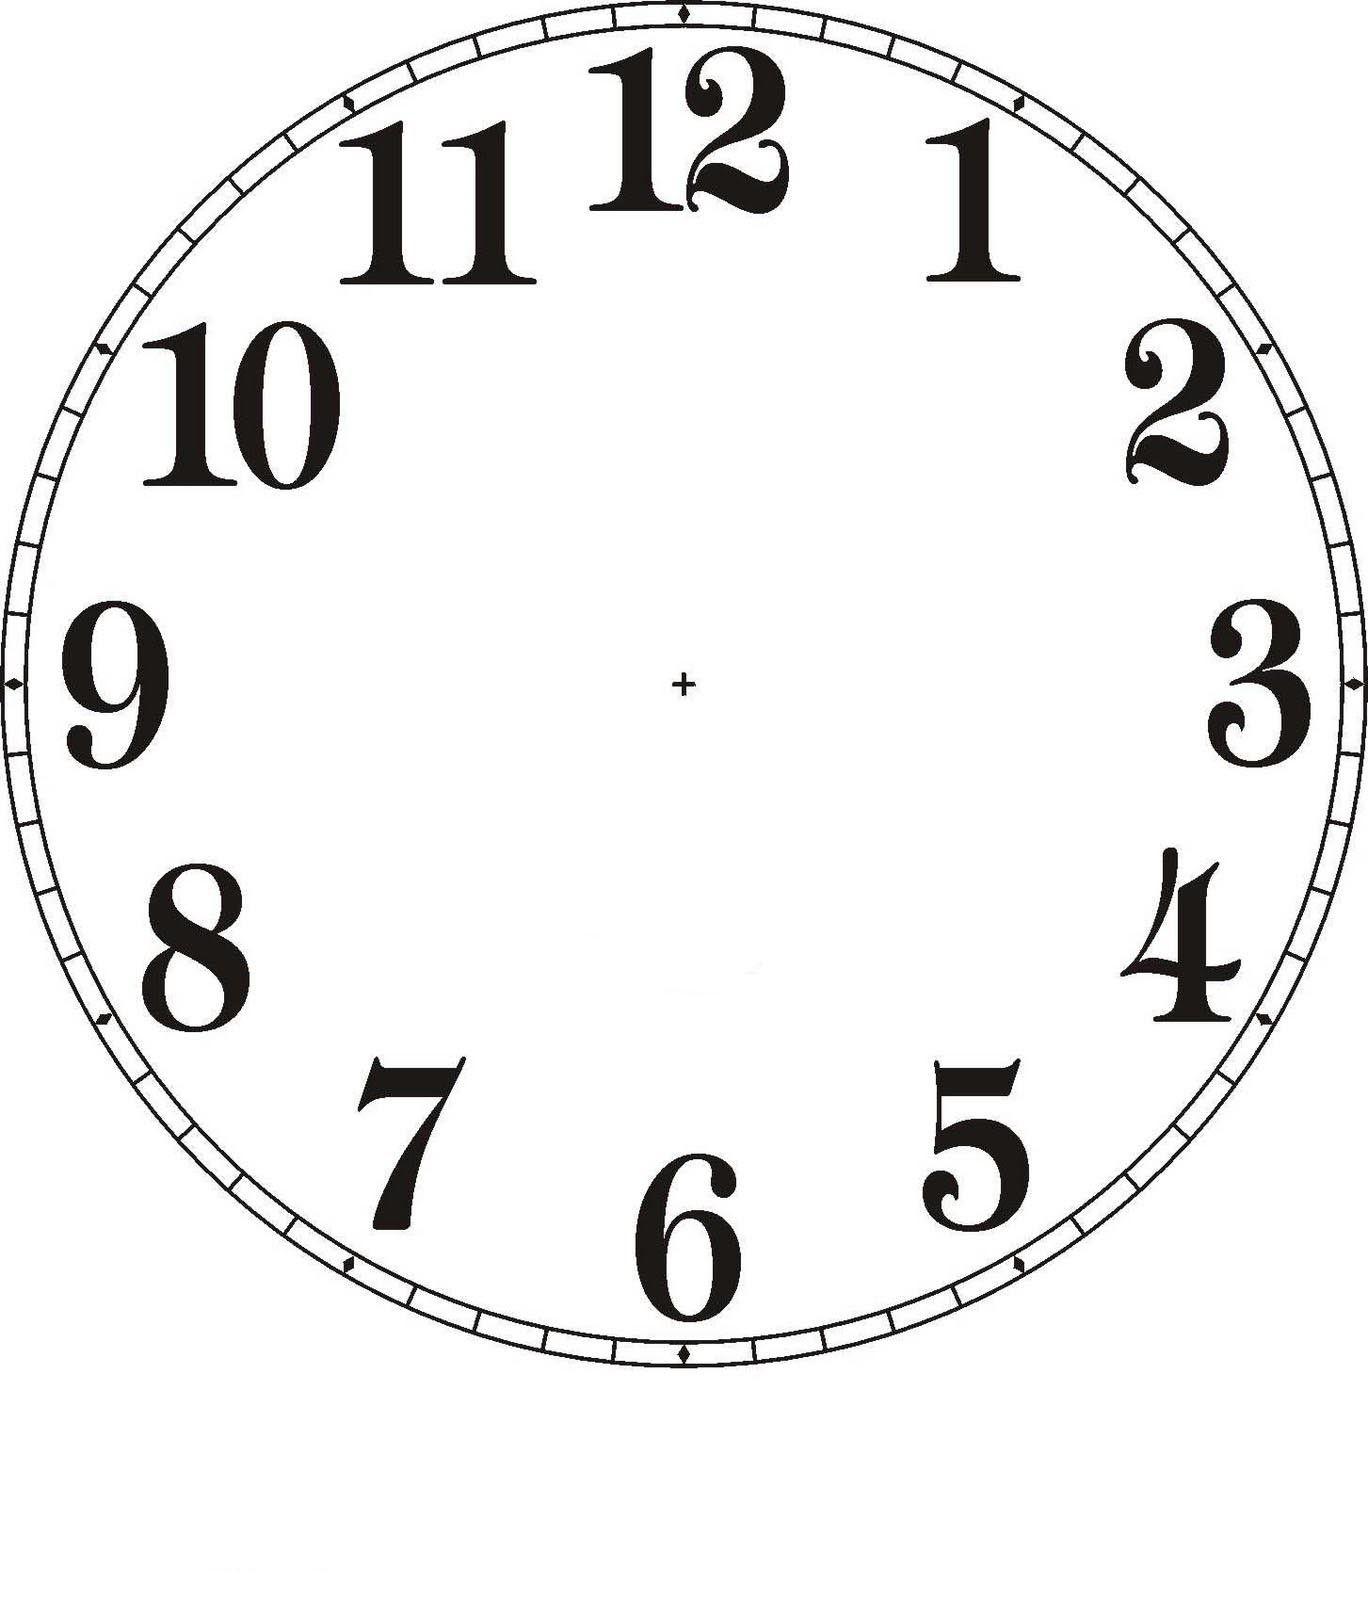 Zifferblatt selber drucken  Lernübungen für kinder zu drucken. Wie spät ist es? 2 | kinderkram ...